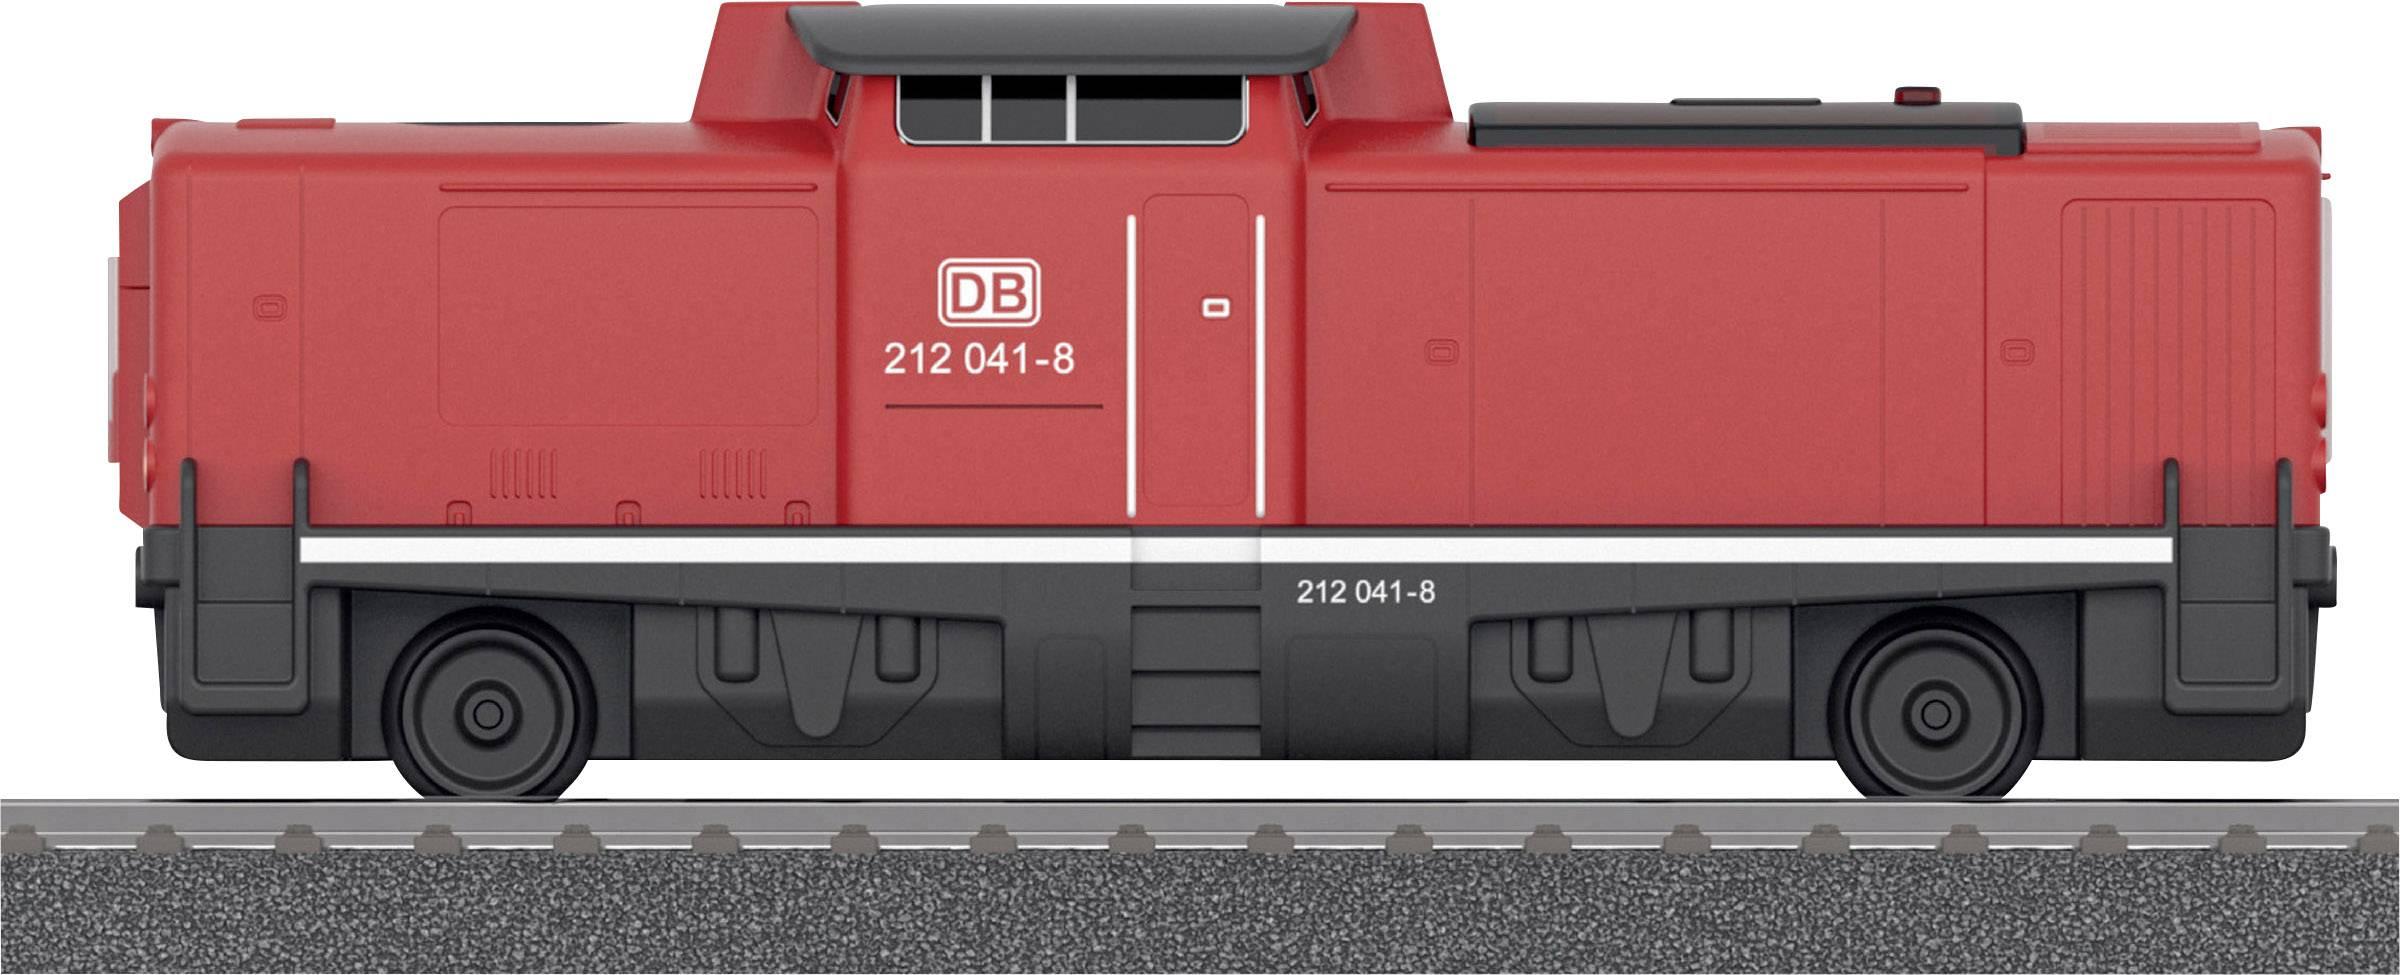 H0 dieselová lokomotiva, model Märklin World 36101